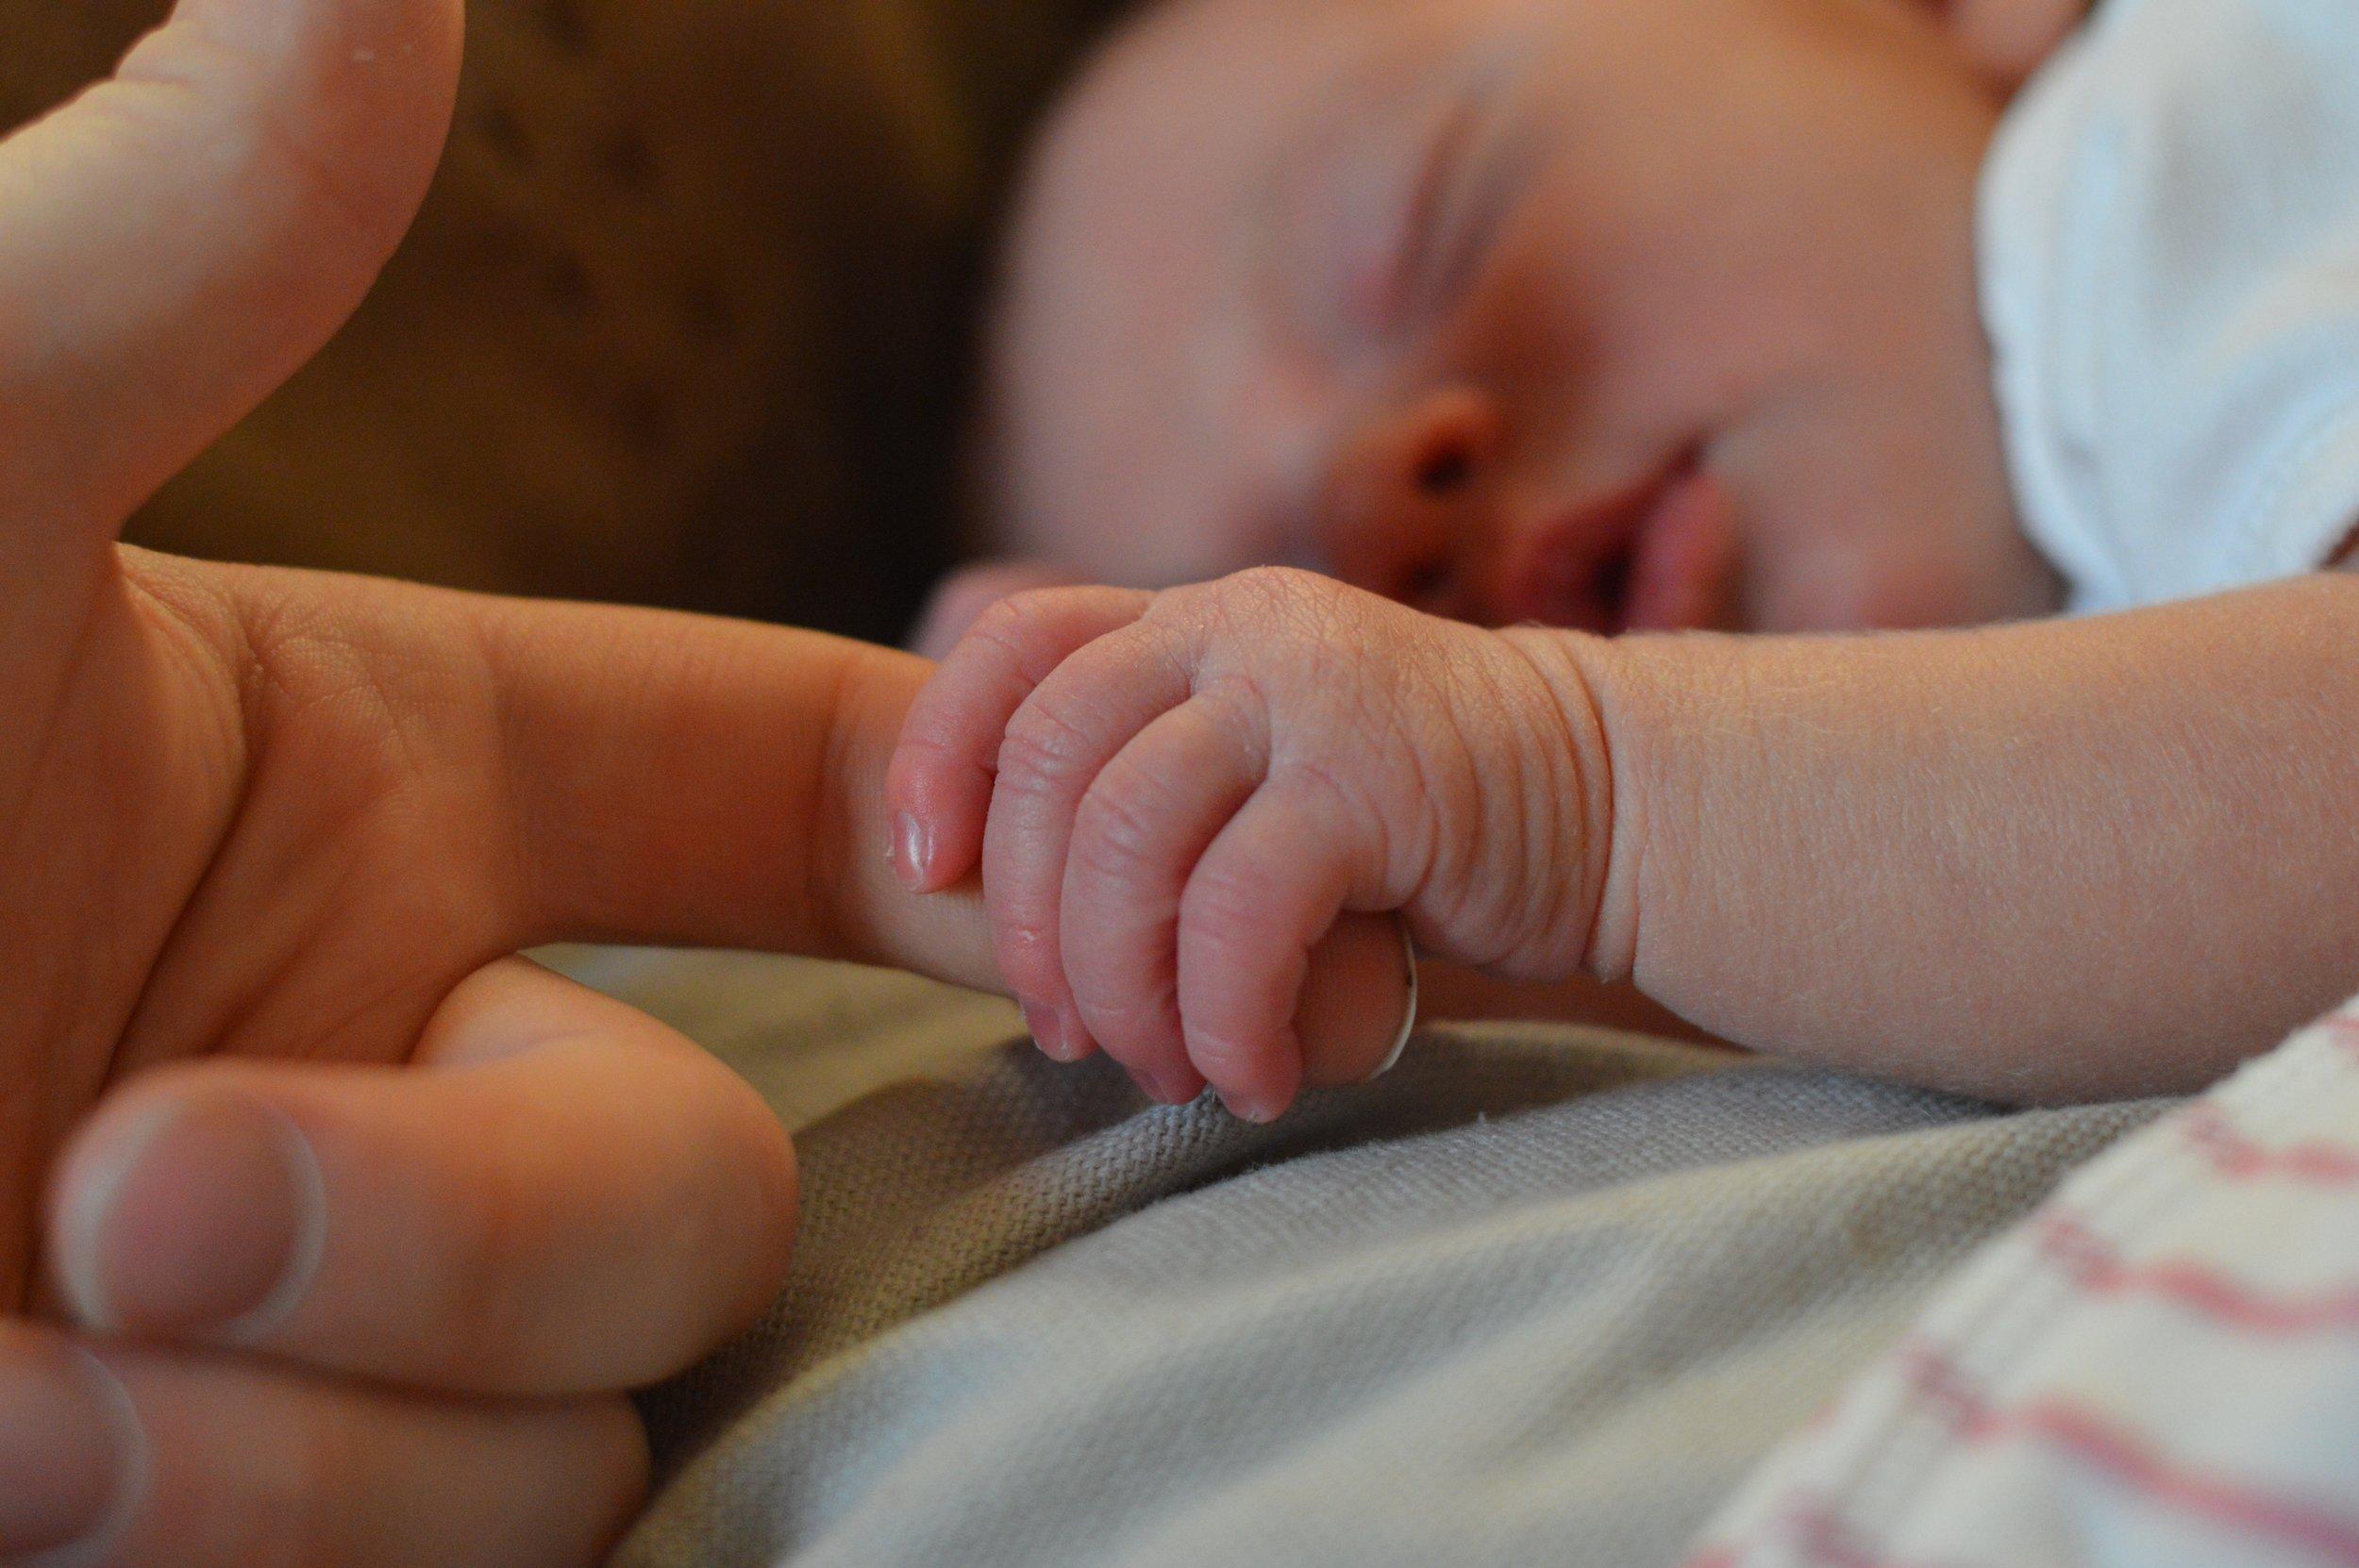 nyfødt holder finger.jpg